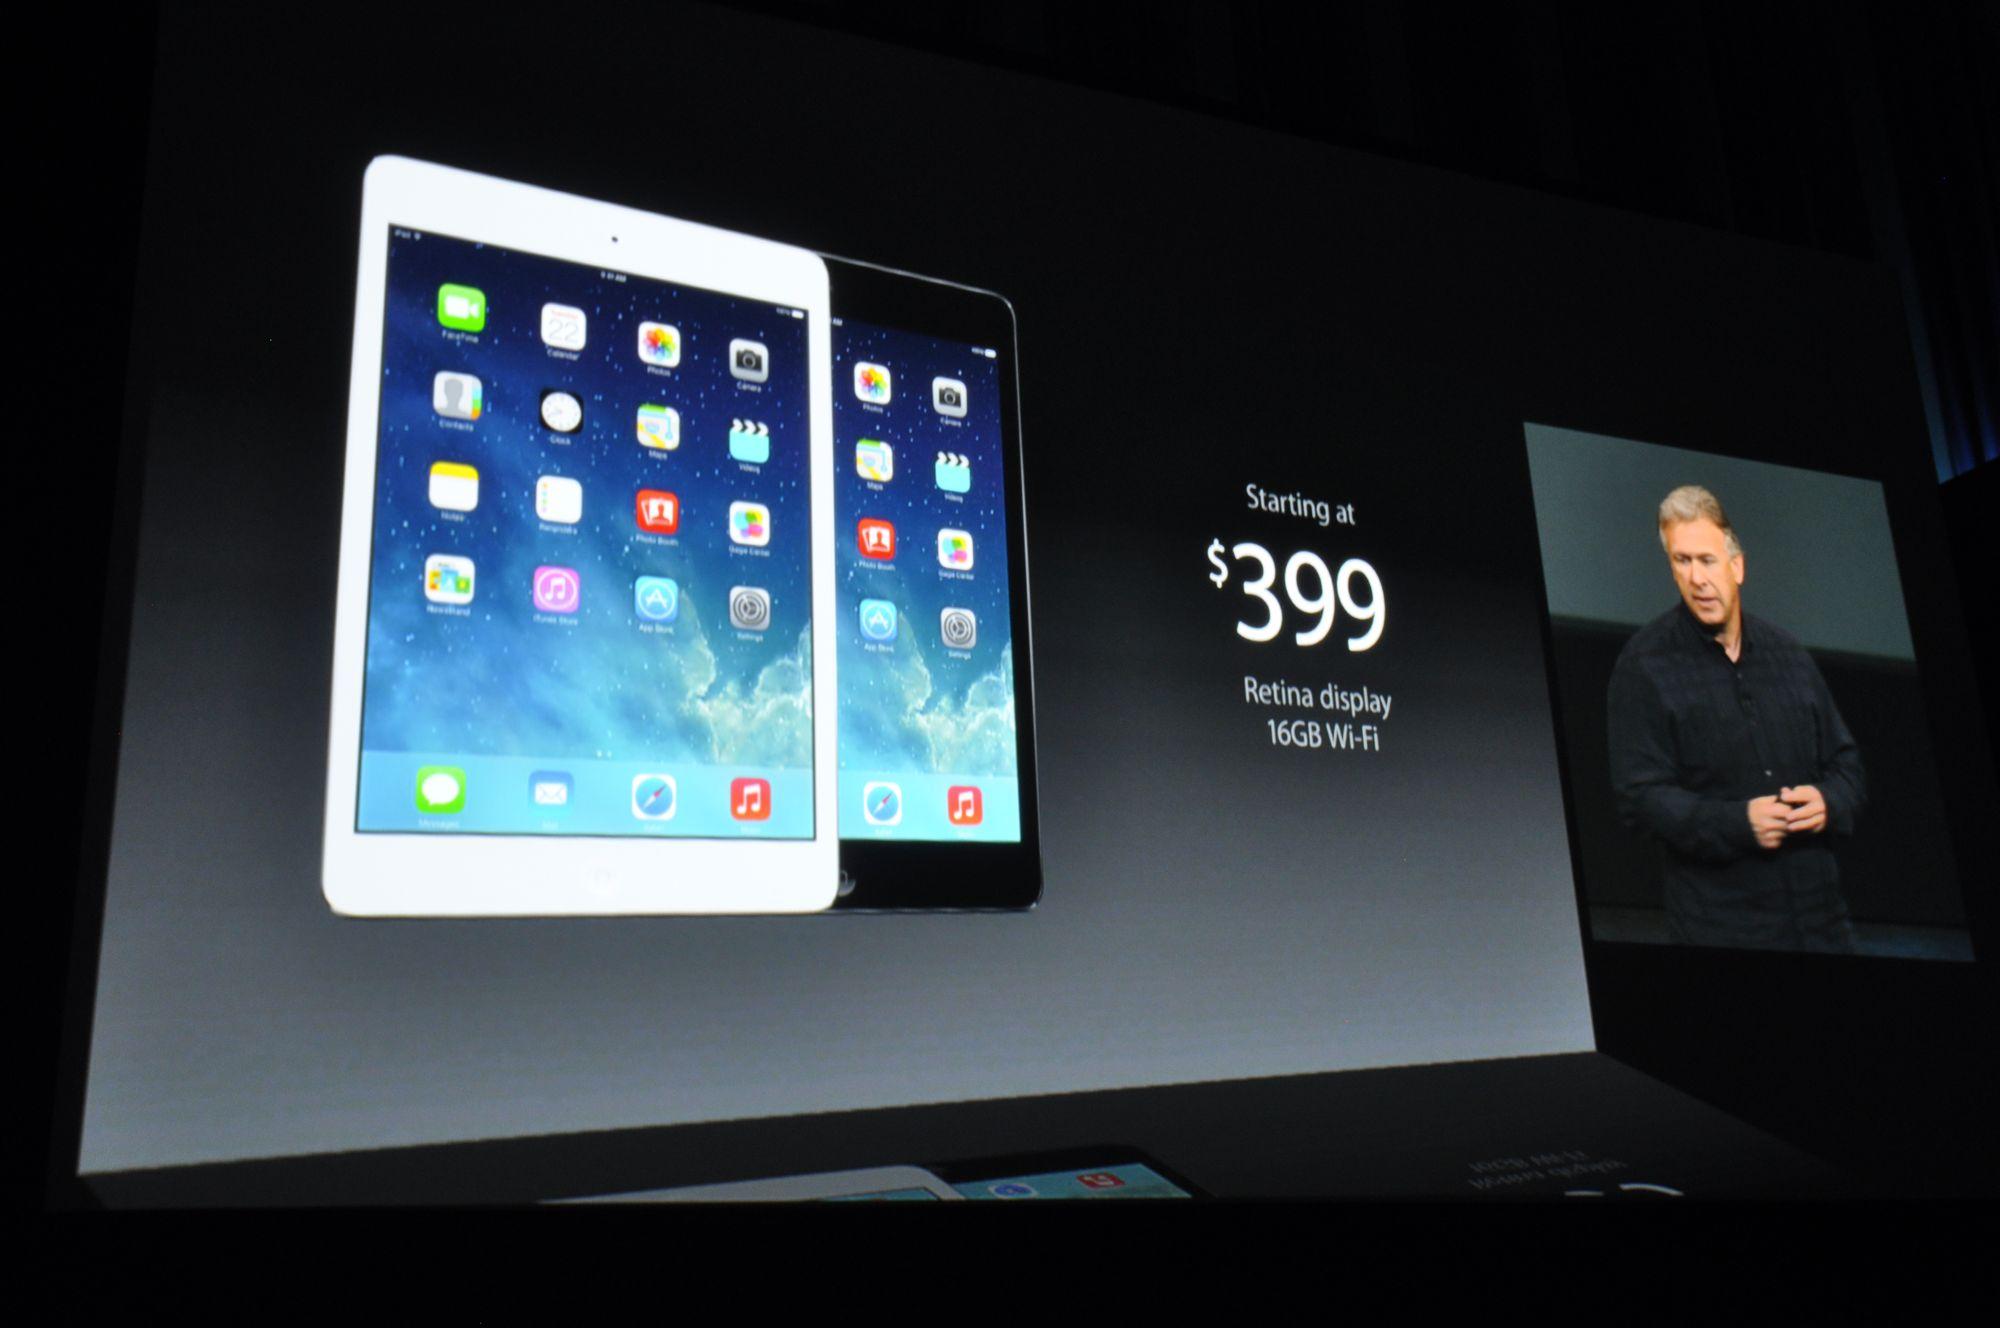 iphone 5 pris norge